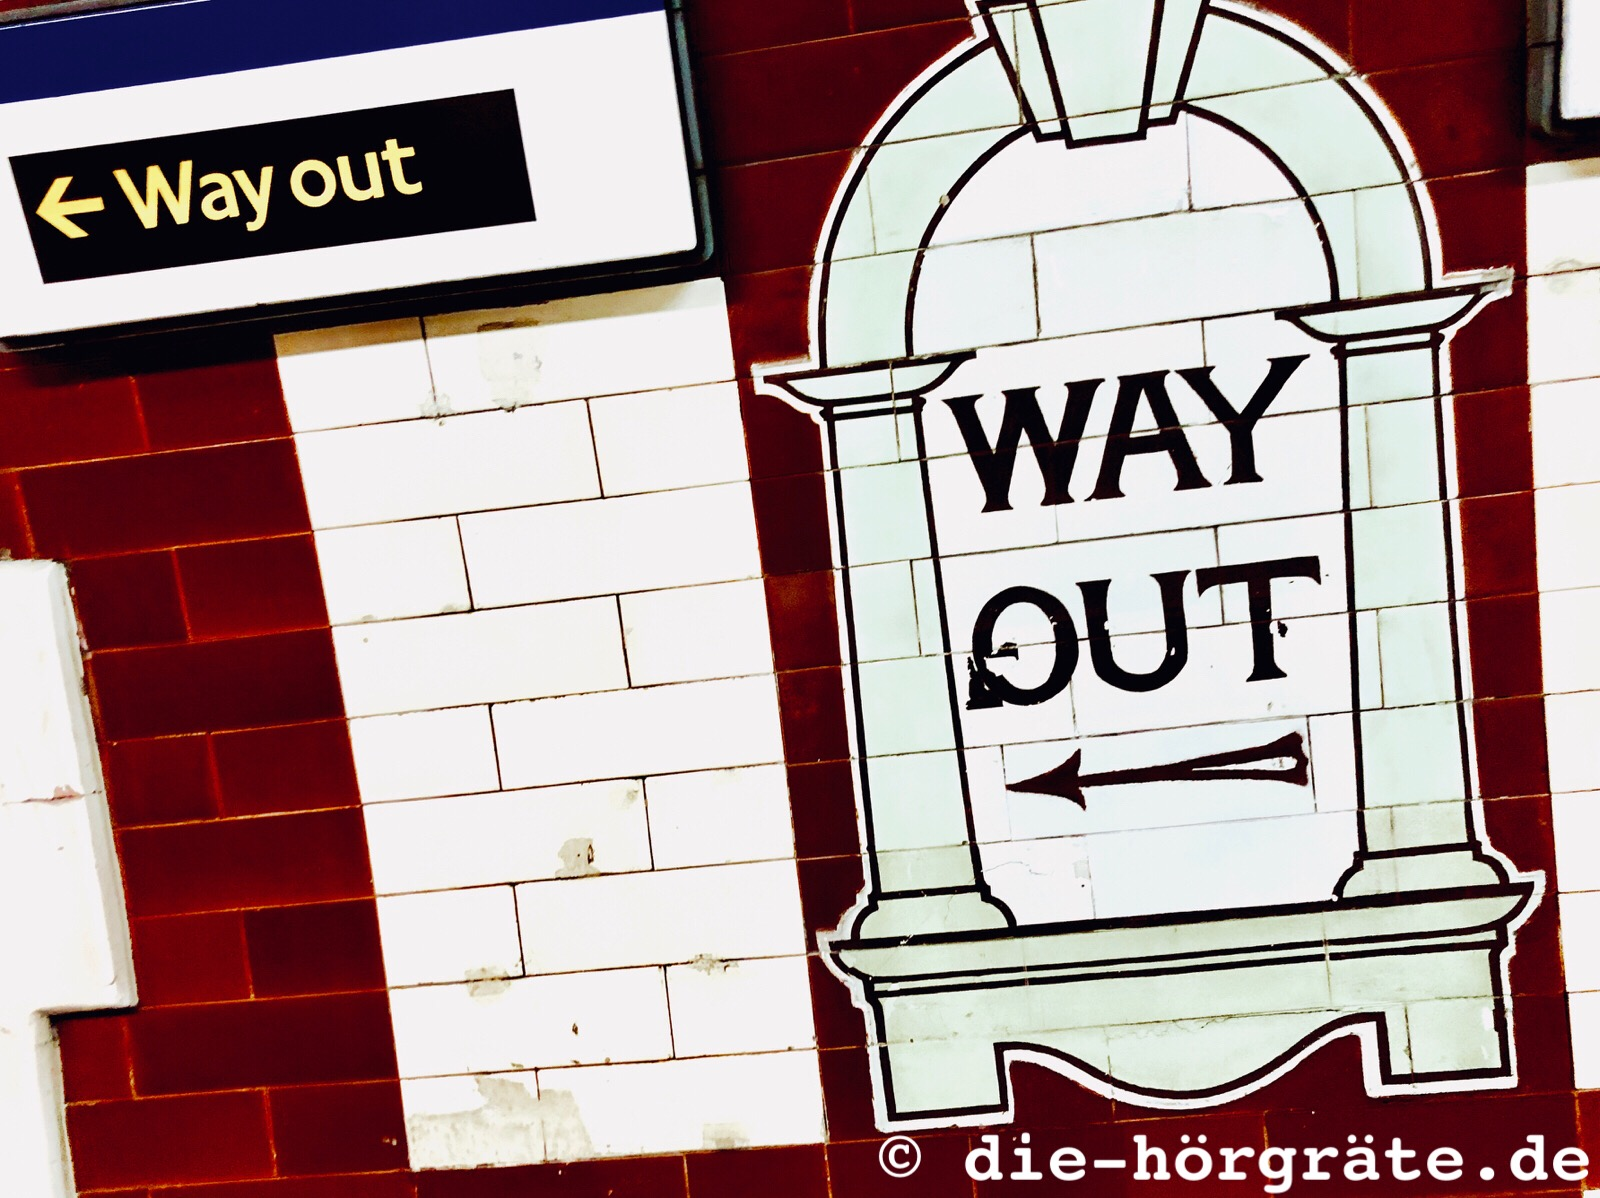 """ein modernes Schild mit der Aufschrift """"Way out"""" und ein altes Wandbild aus farbigen Fliesen, das eine Art Fensterbogen darstellt, darin steht ebenfalls """"WAY OUT"""""""